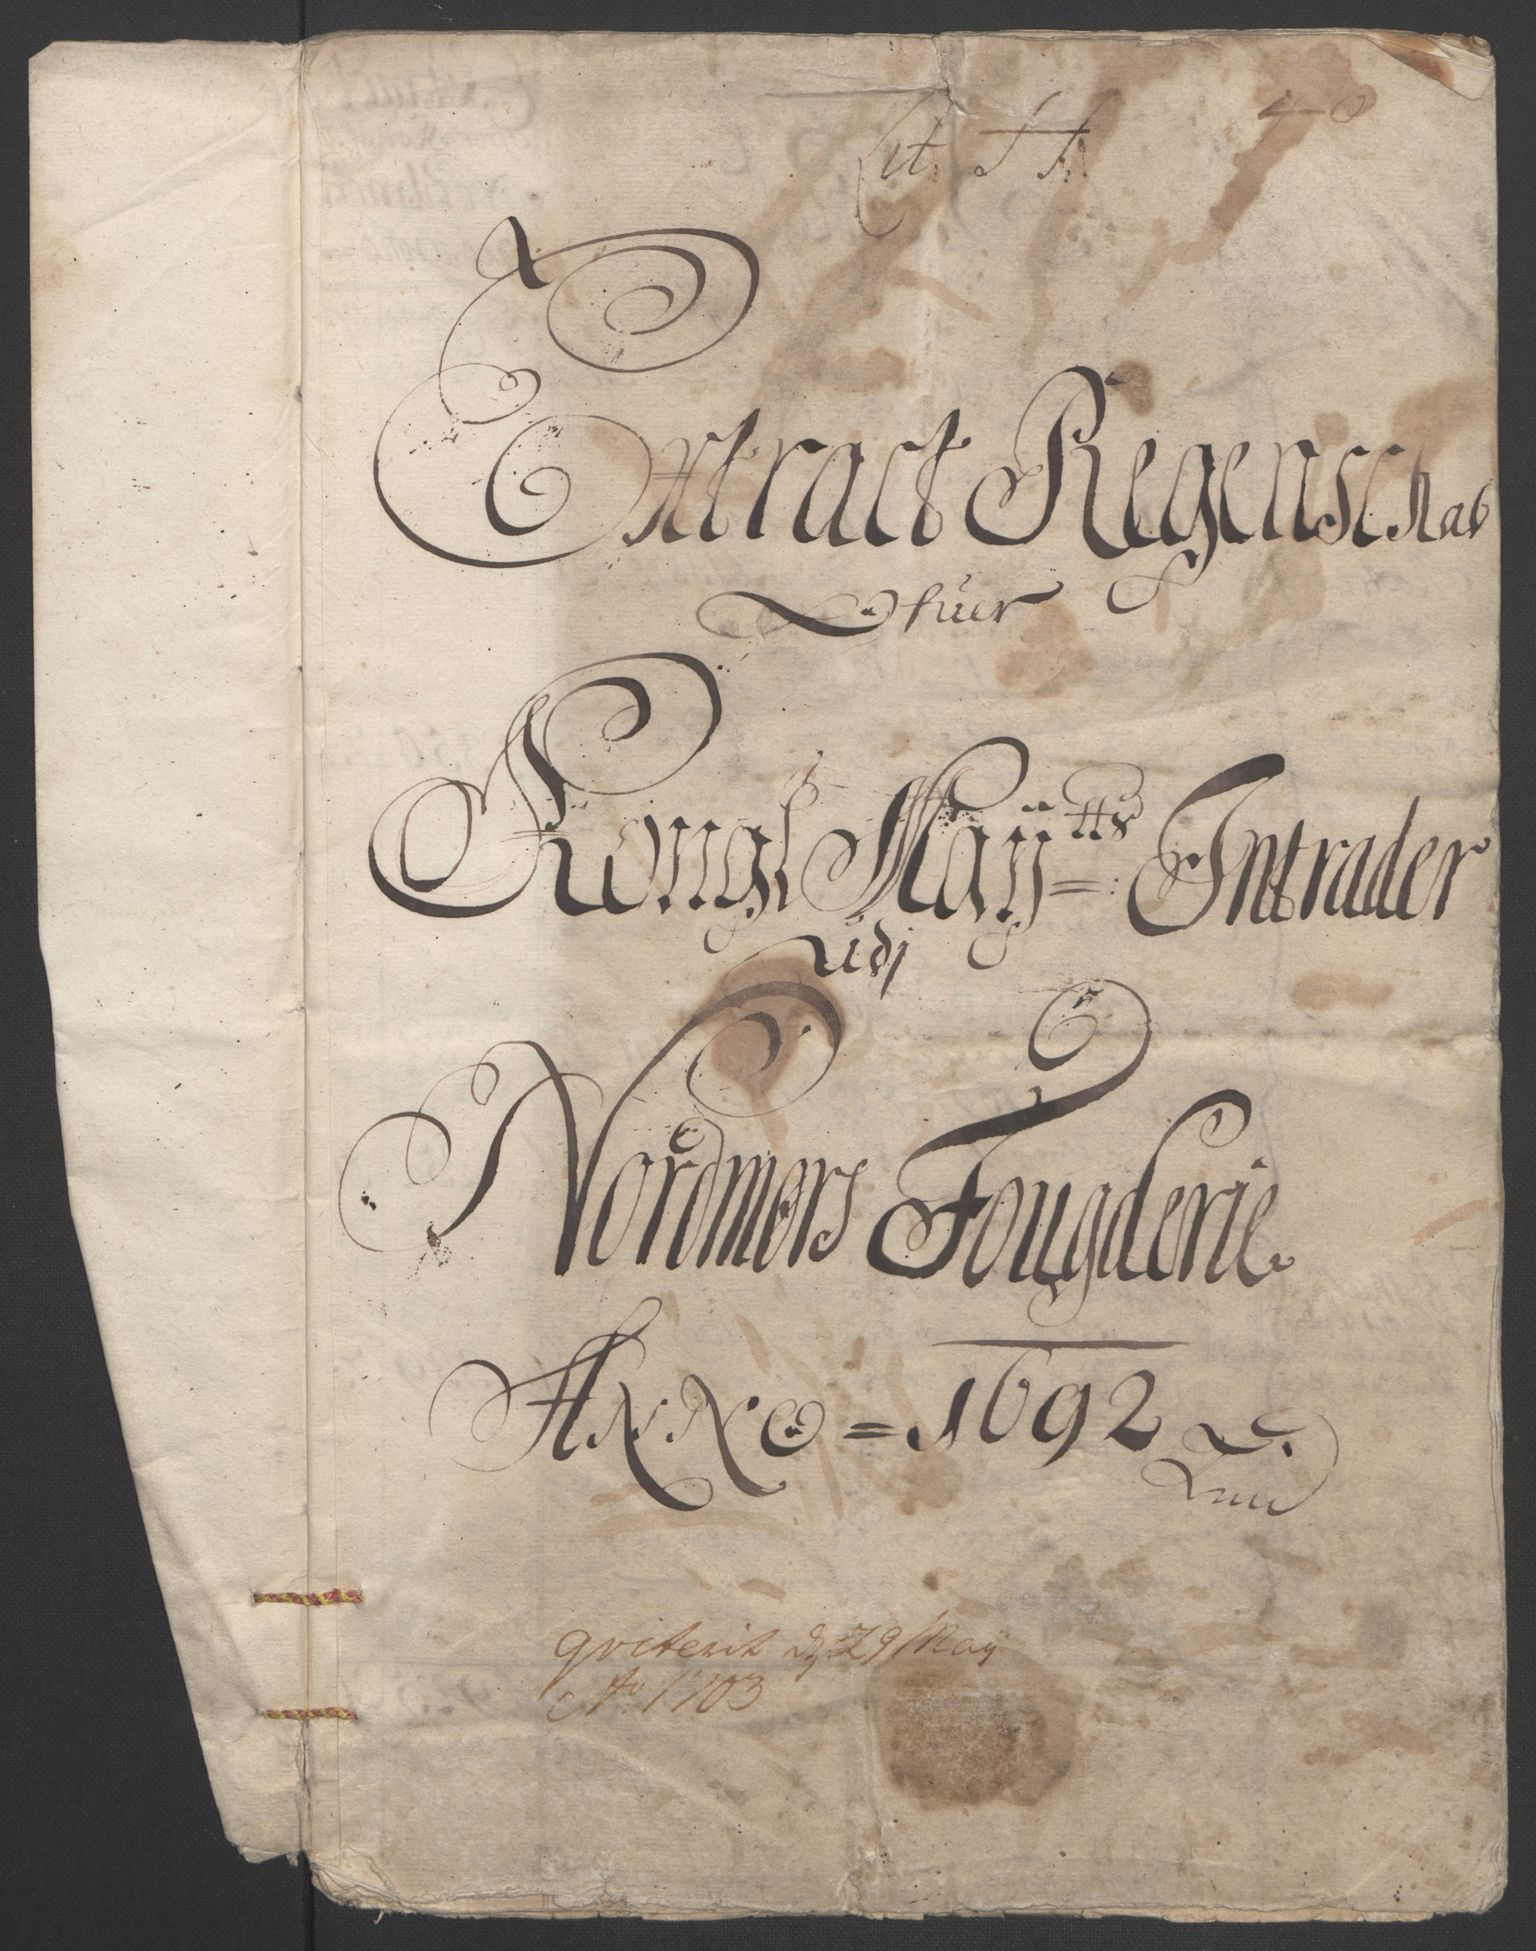 RA, Rentekammeret inntil 1814, Reviderte regnskaper, Fogderegnskap, R56/L3735: Fogderegnskap Nordmøre, 1692-1693, s. 3